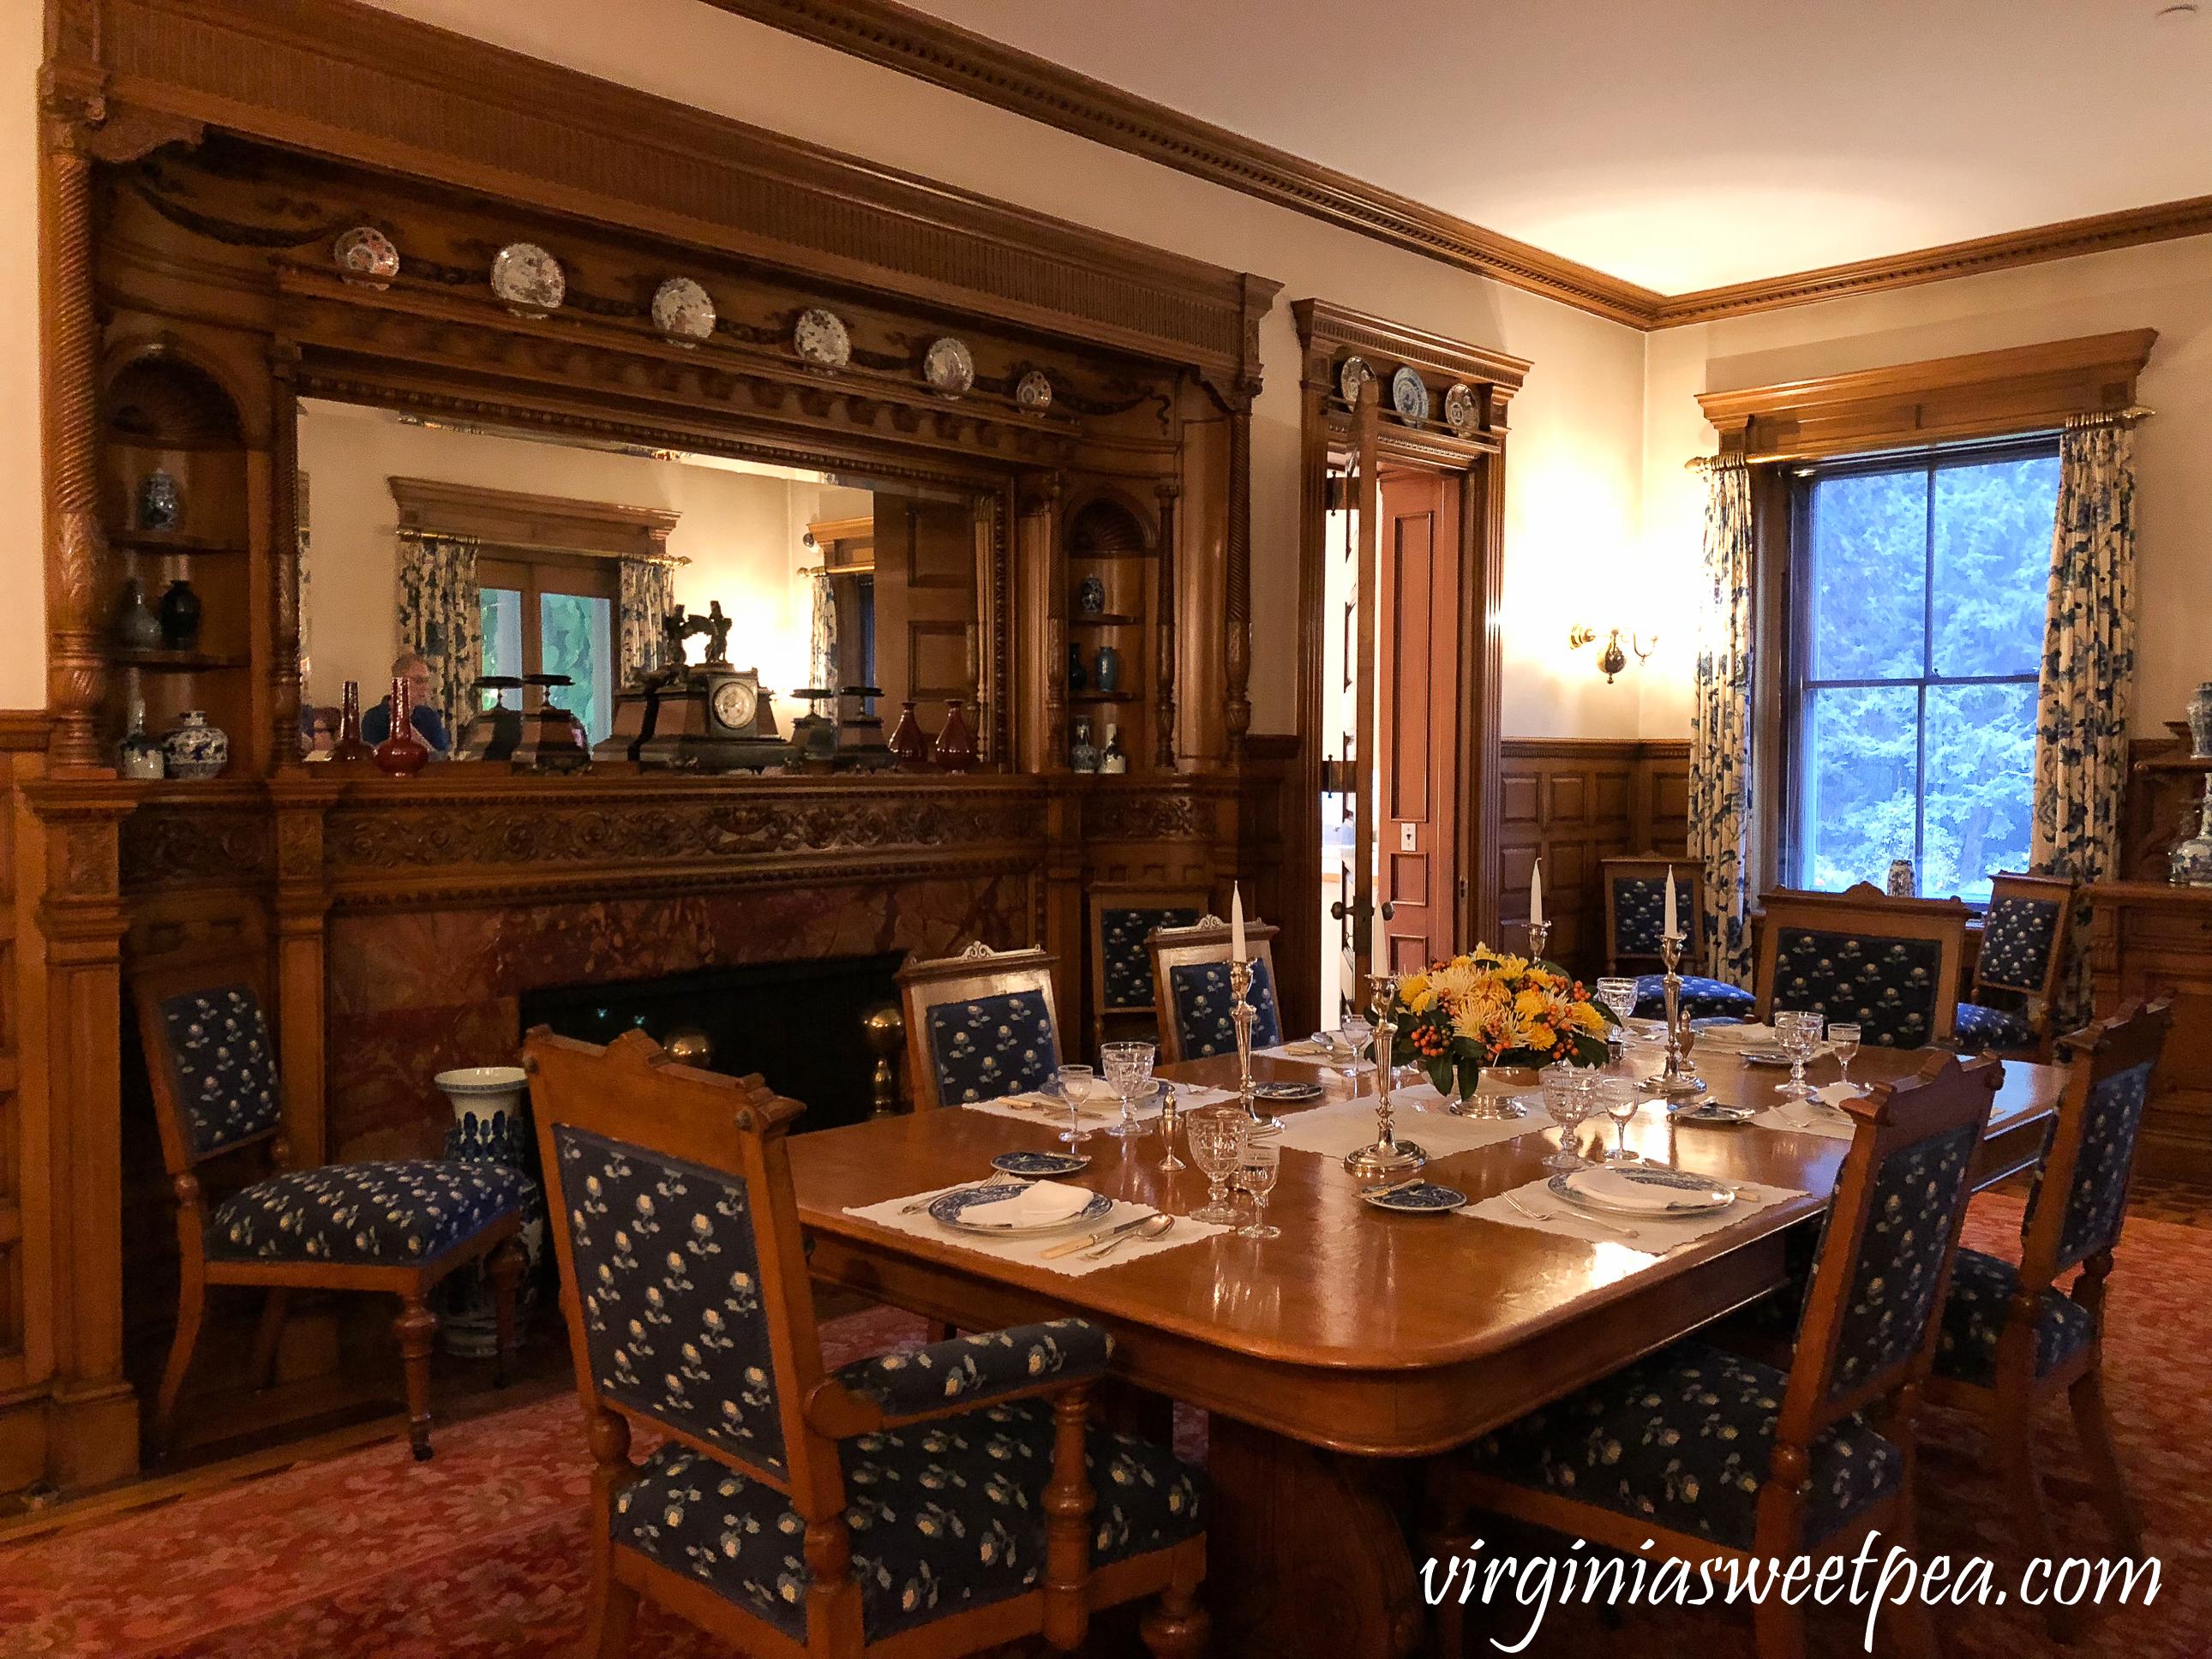 Touring the Marsh-Billings-Rockefeller Mansion in Woodstock, Vermont #vermont #travel #woodstockvermont